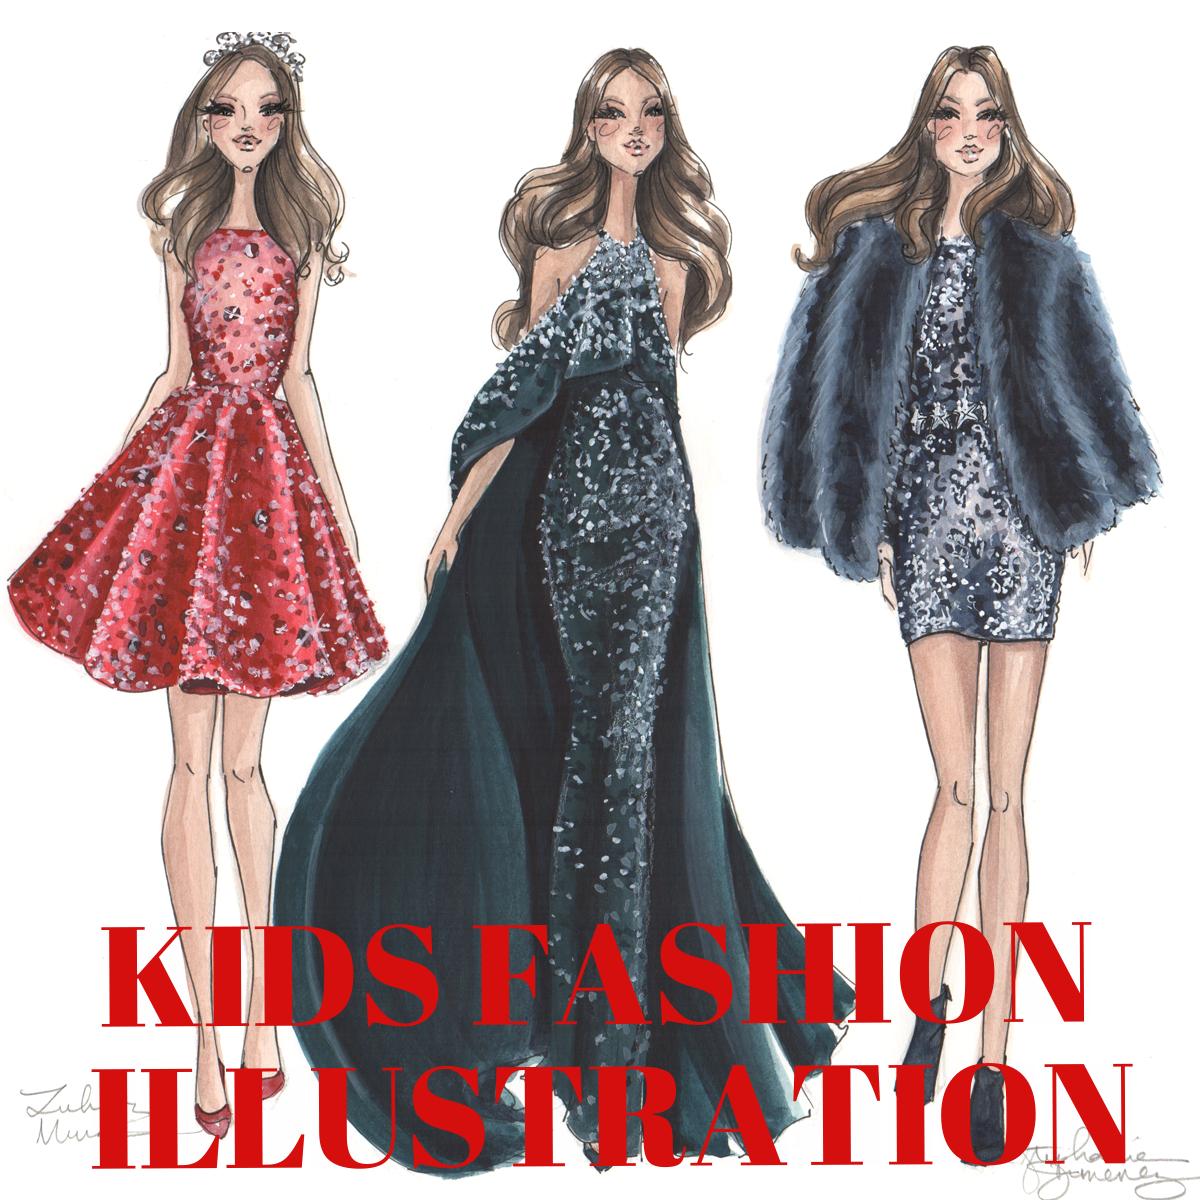 We have illustration workshops for all levels!